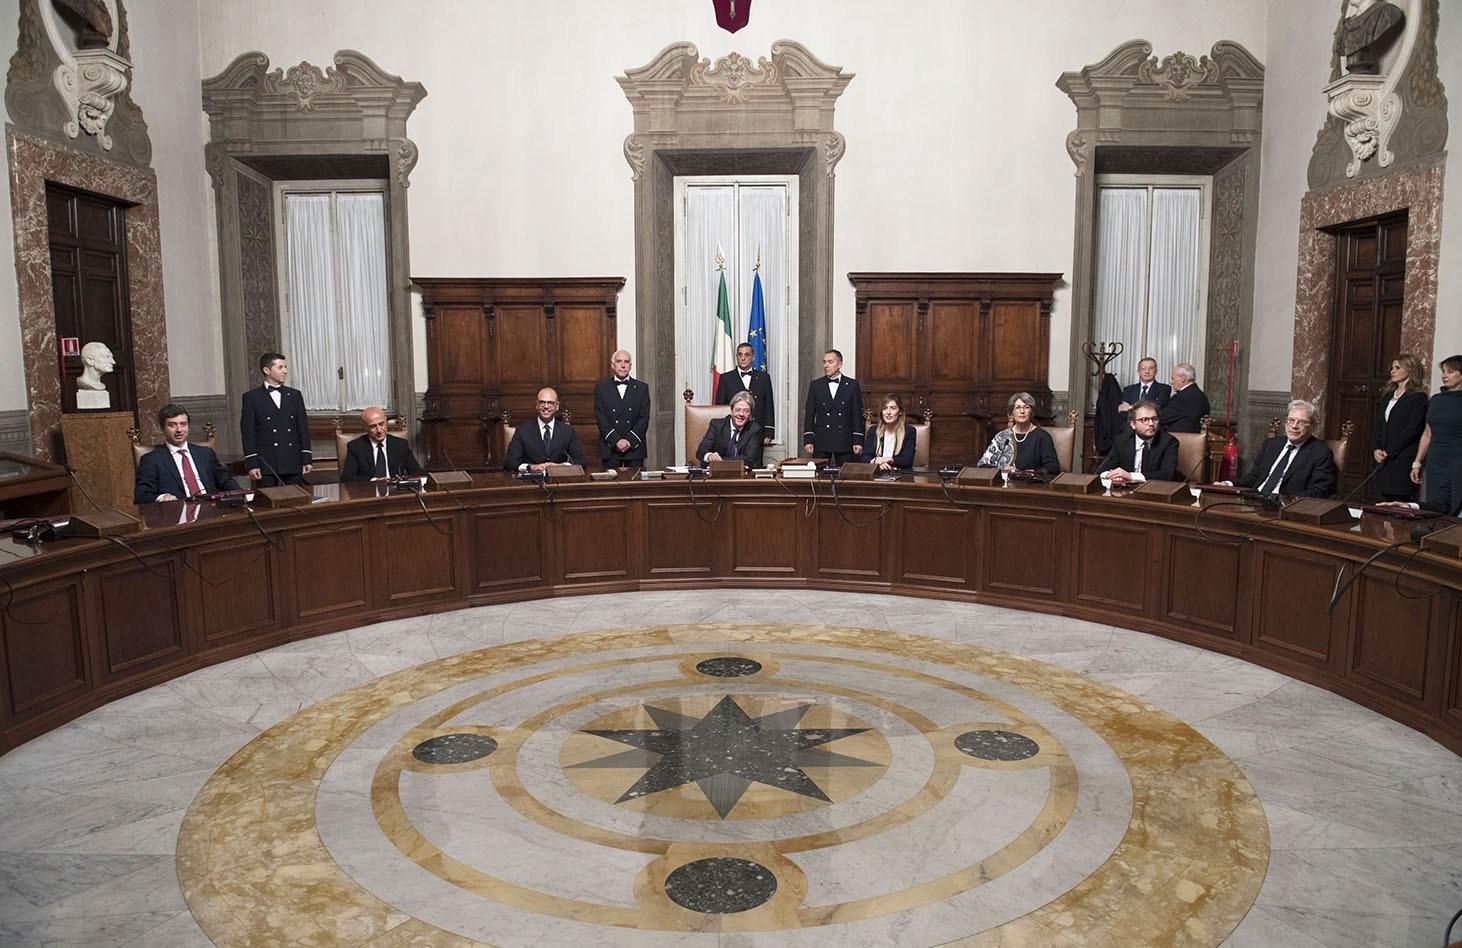 Verso Consiglio ministri, su tavolo nomine Consob e Esercito